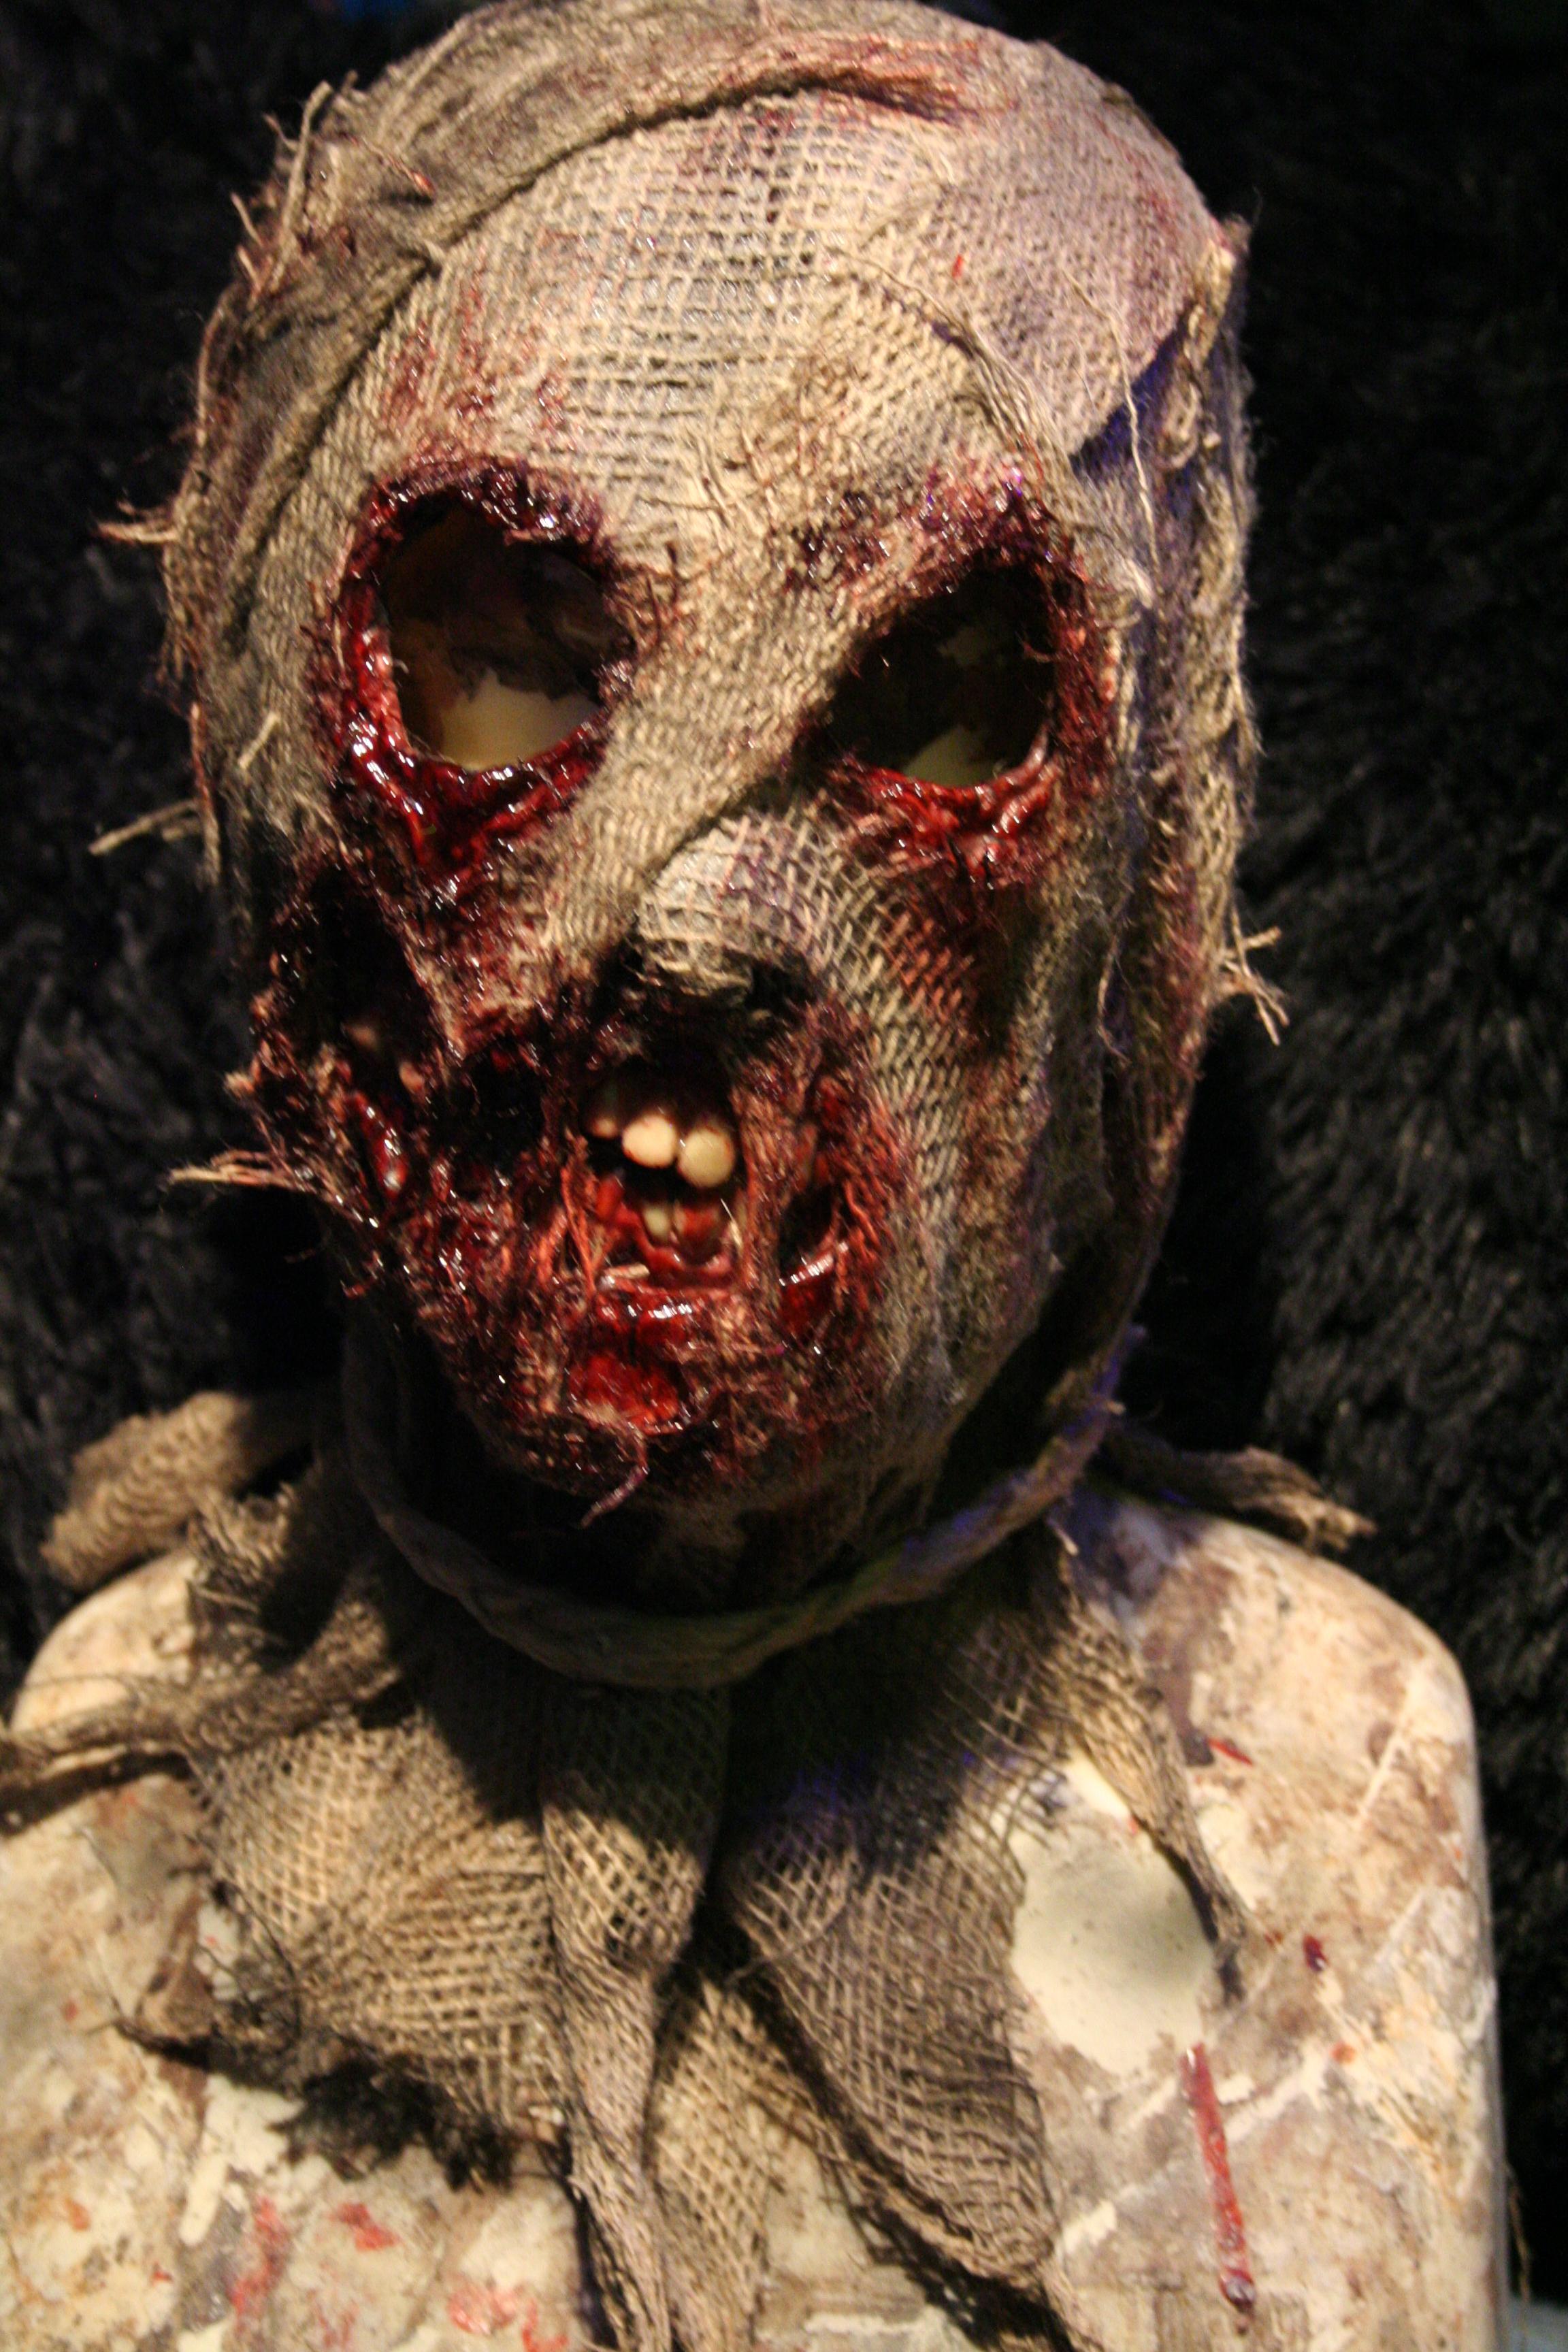 the cornreaper scarecrow mask